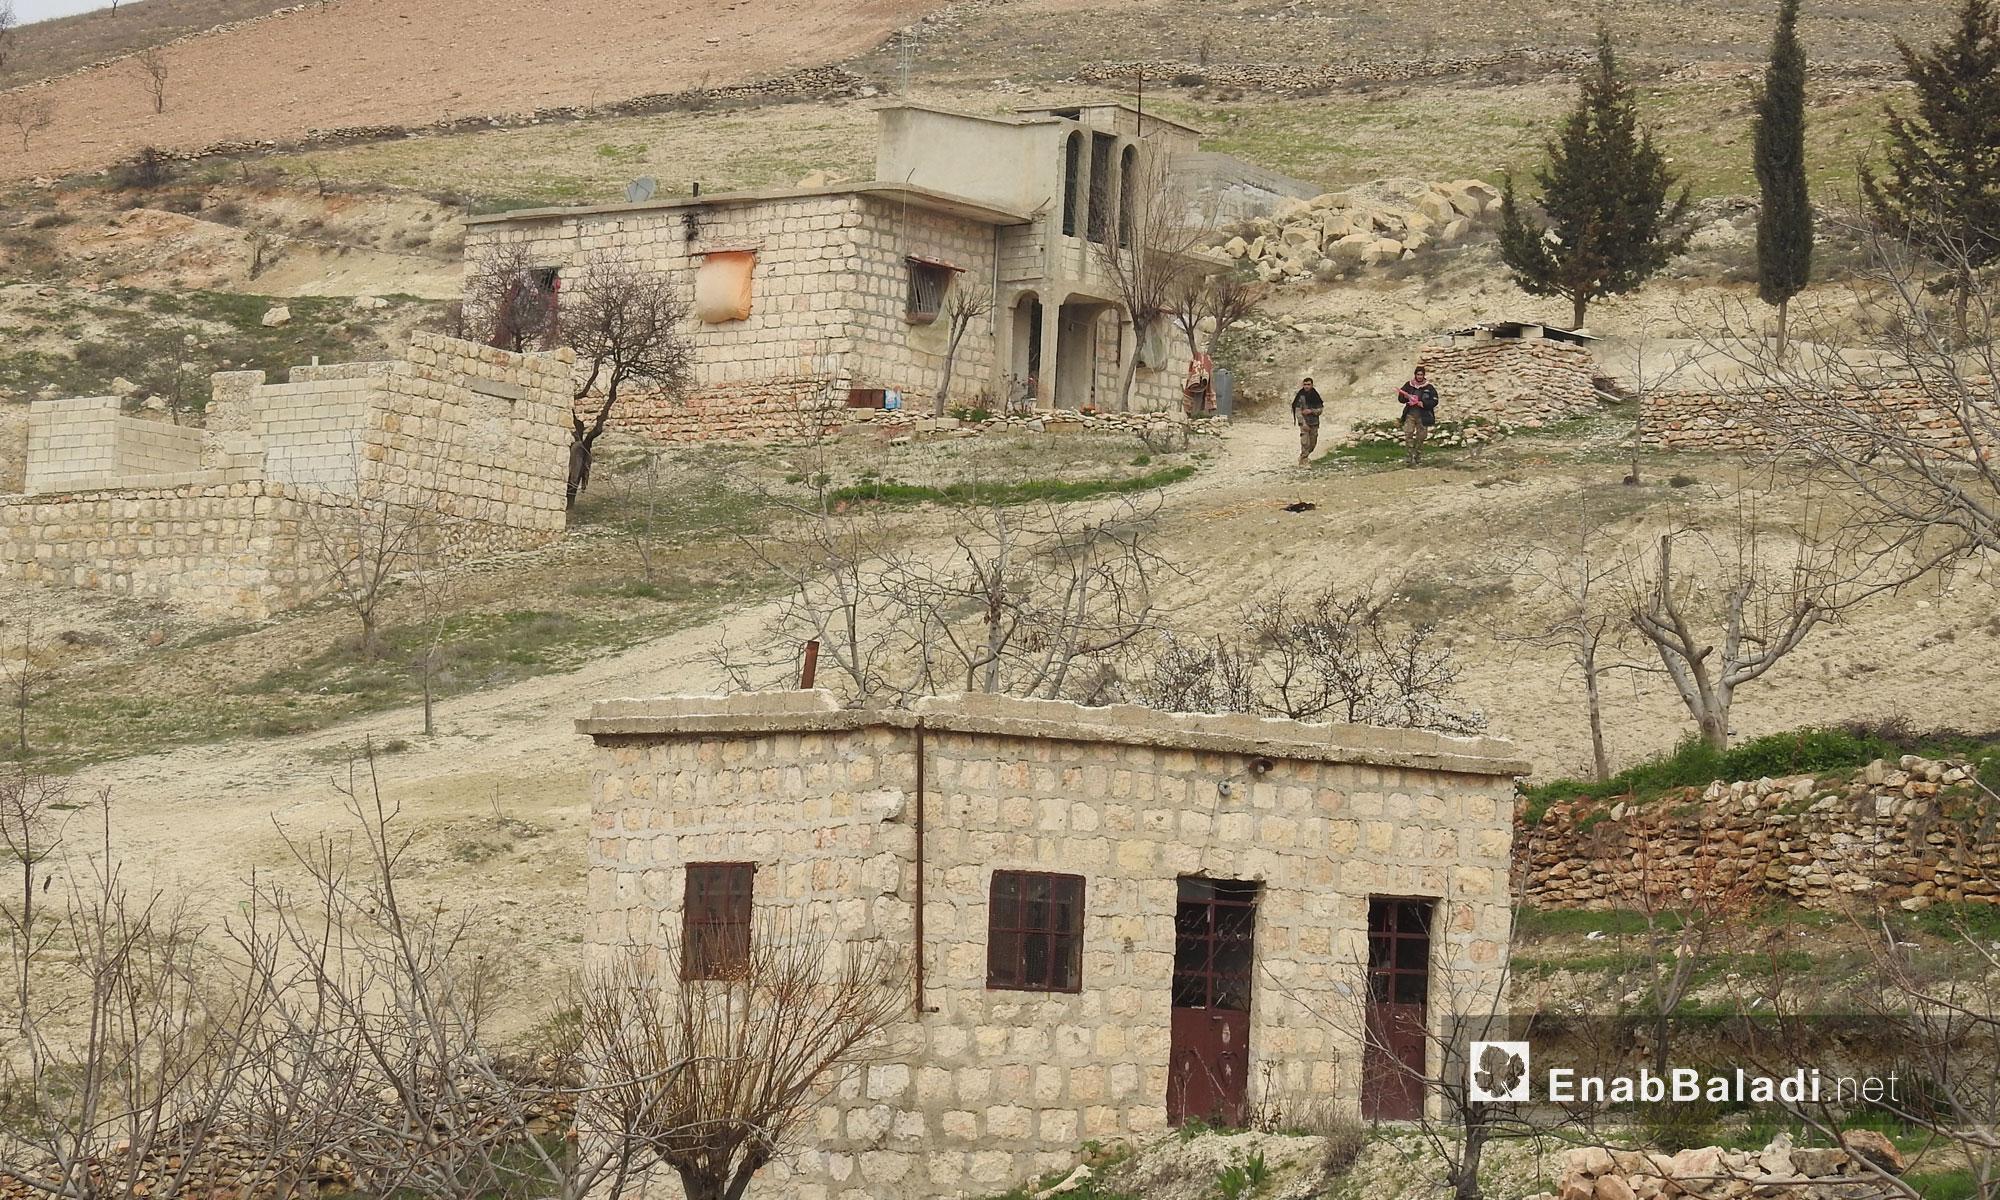 """قرية ديكماطاش بعد سيطرة الجيش الحر عليها ضمن عملية """"غصن الزيتون"""" في عفرين - 21 شباط 2018 (عنب بلدي)"""